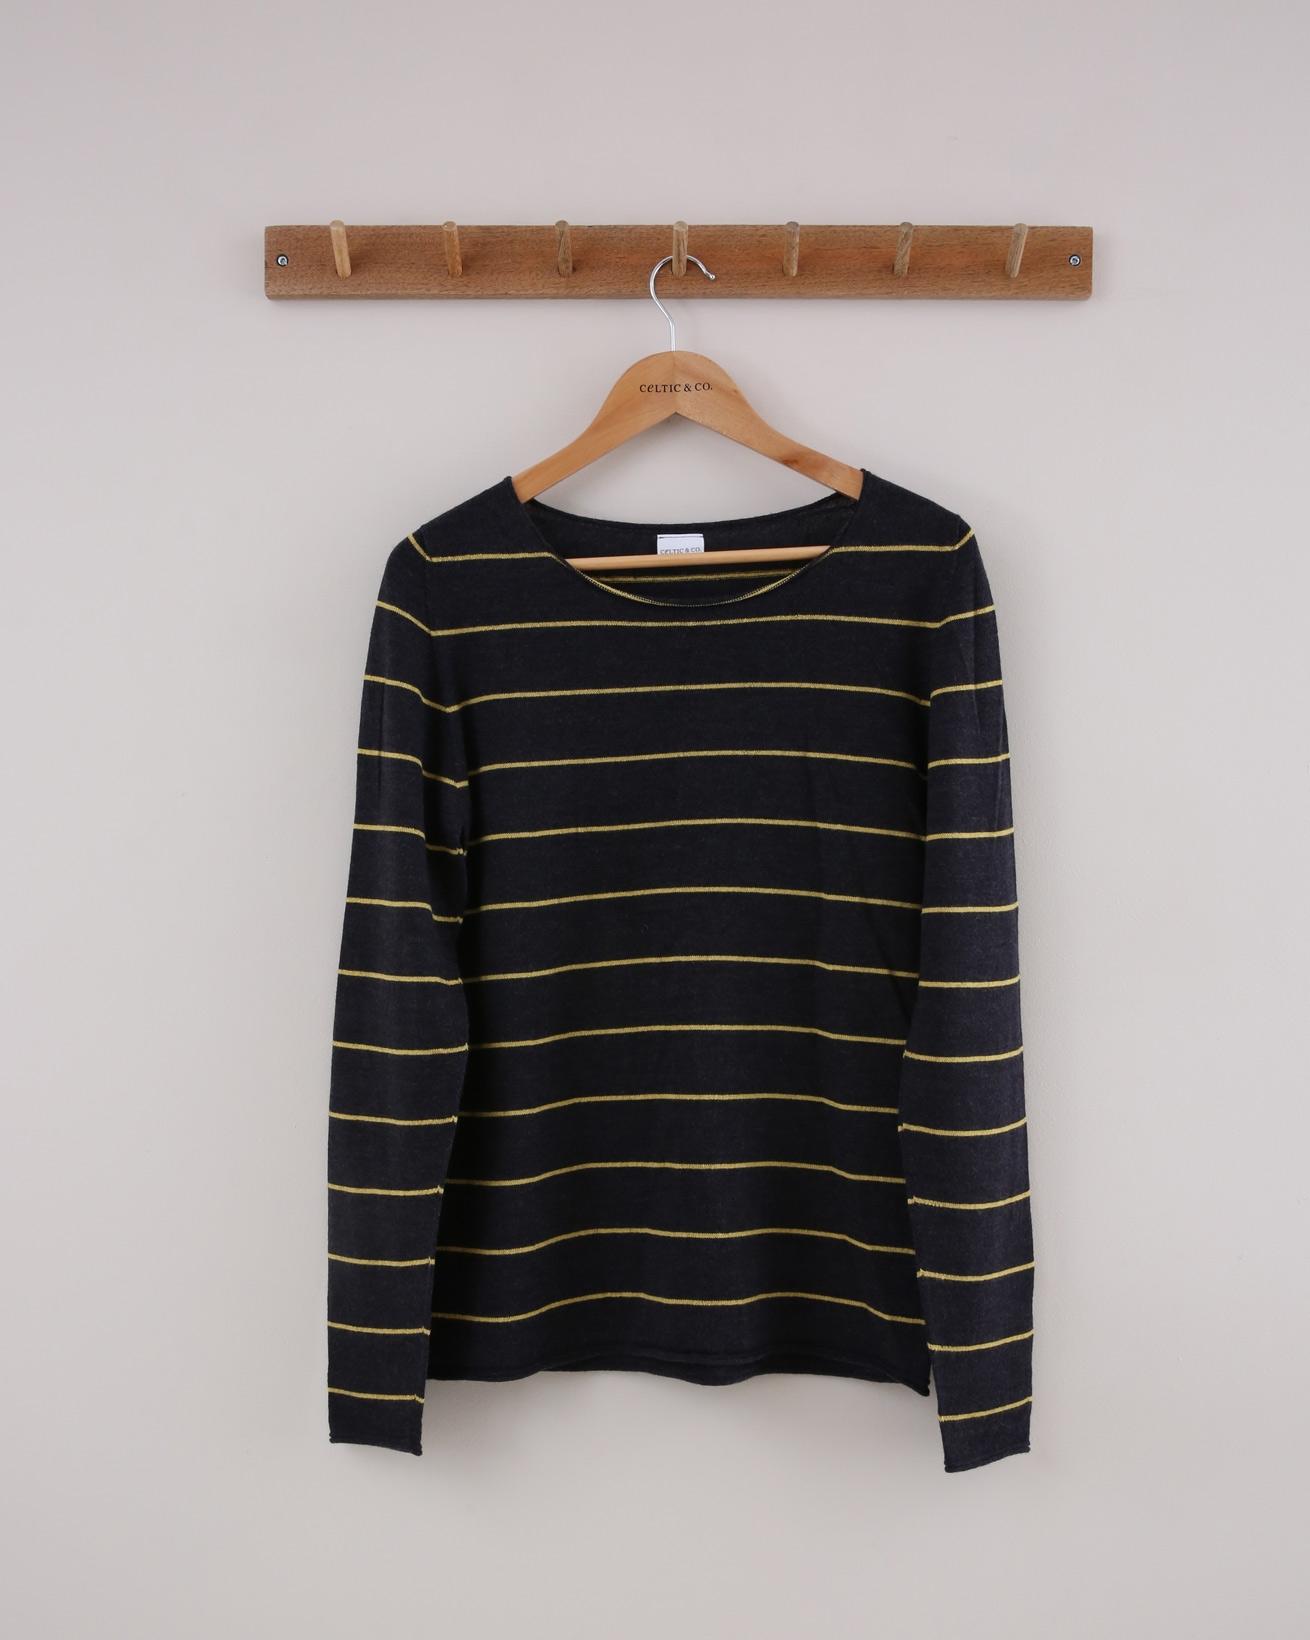 Fine Knit Merino Crew Jumper - Small - Charcoal & Gorse Stripe - 1400